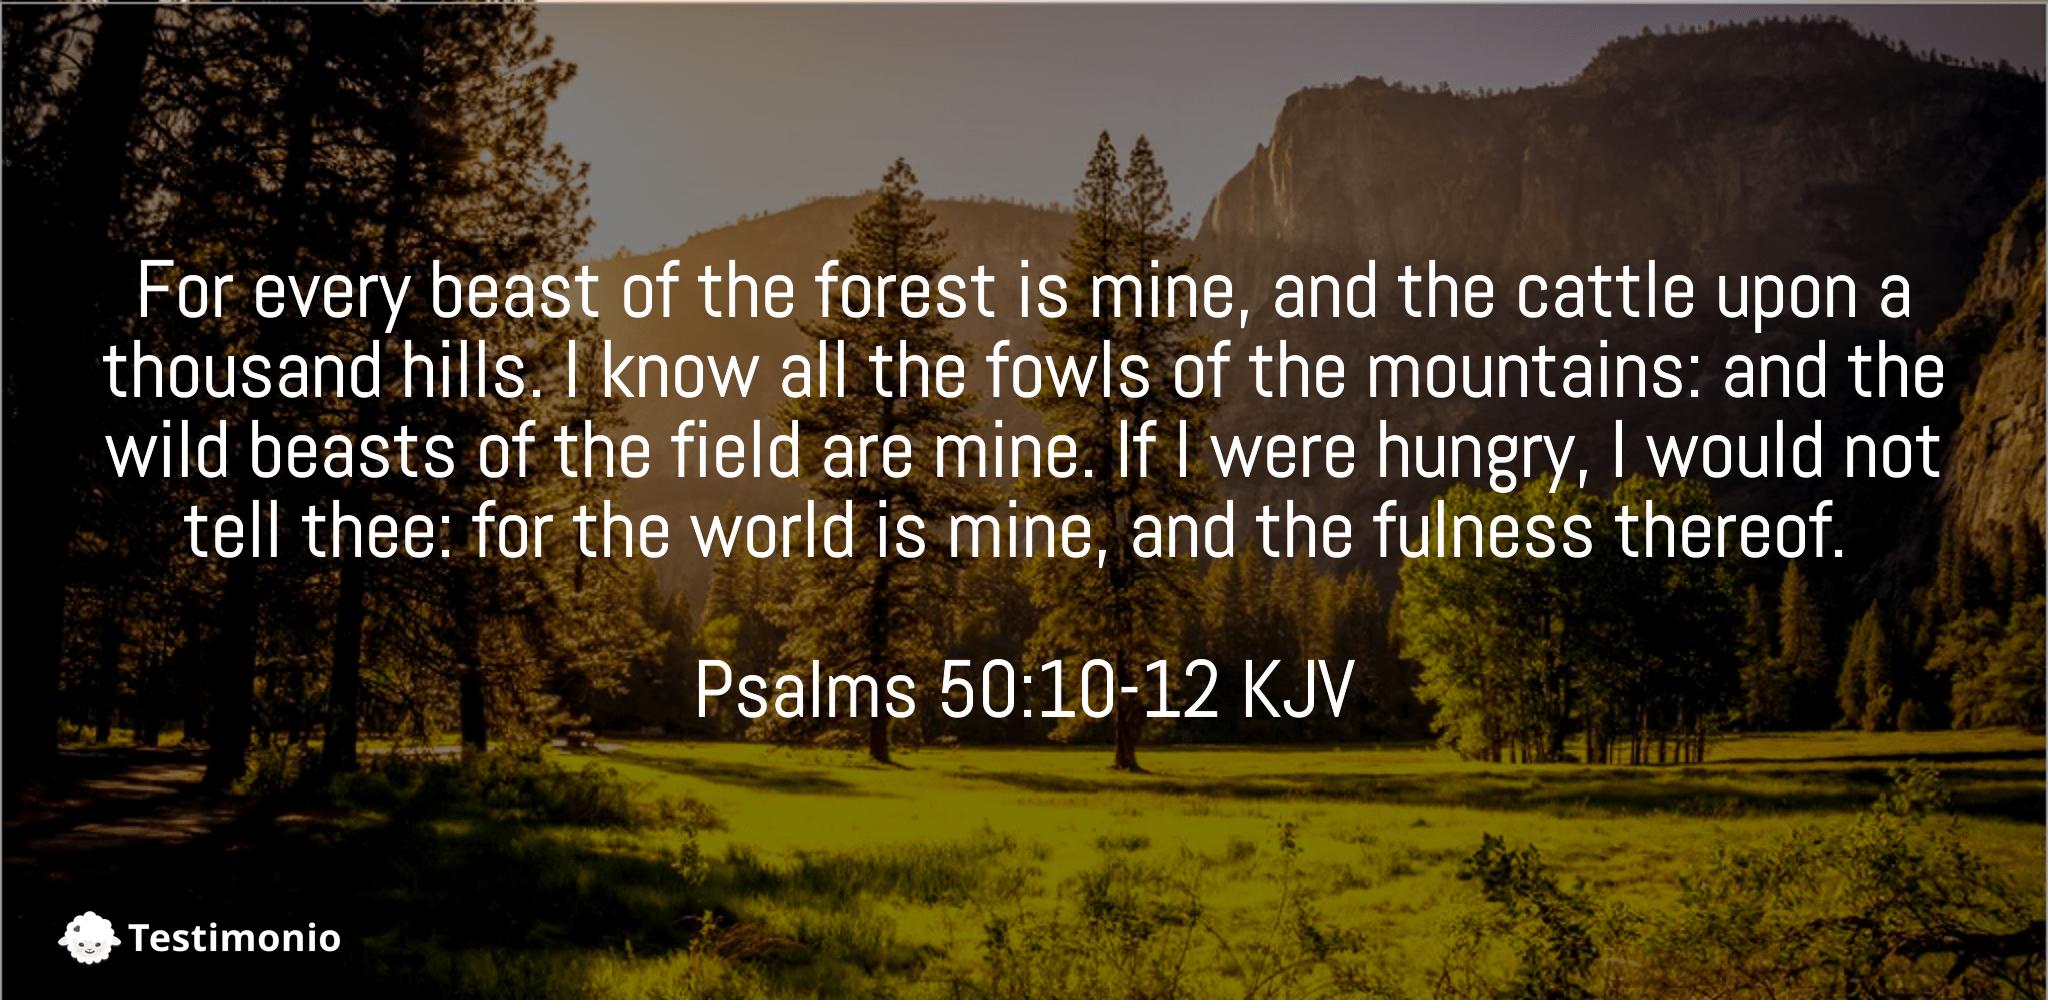 Psalms 50:10-12